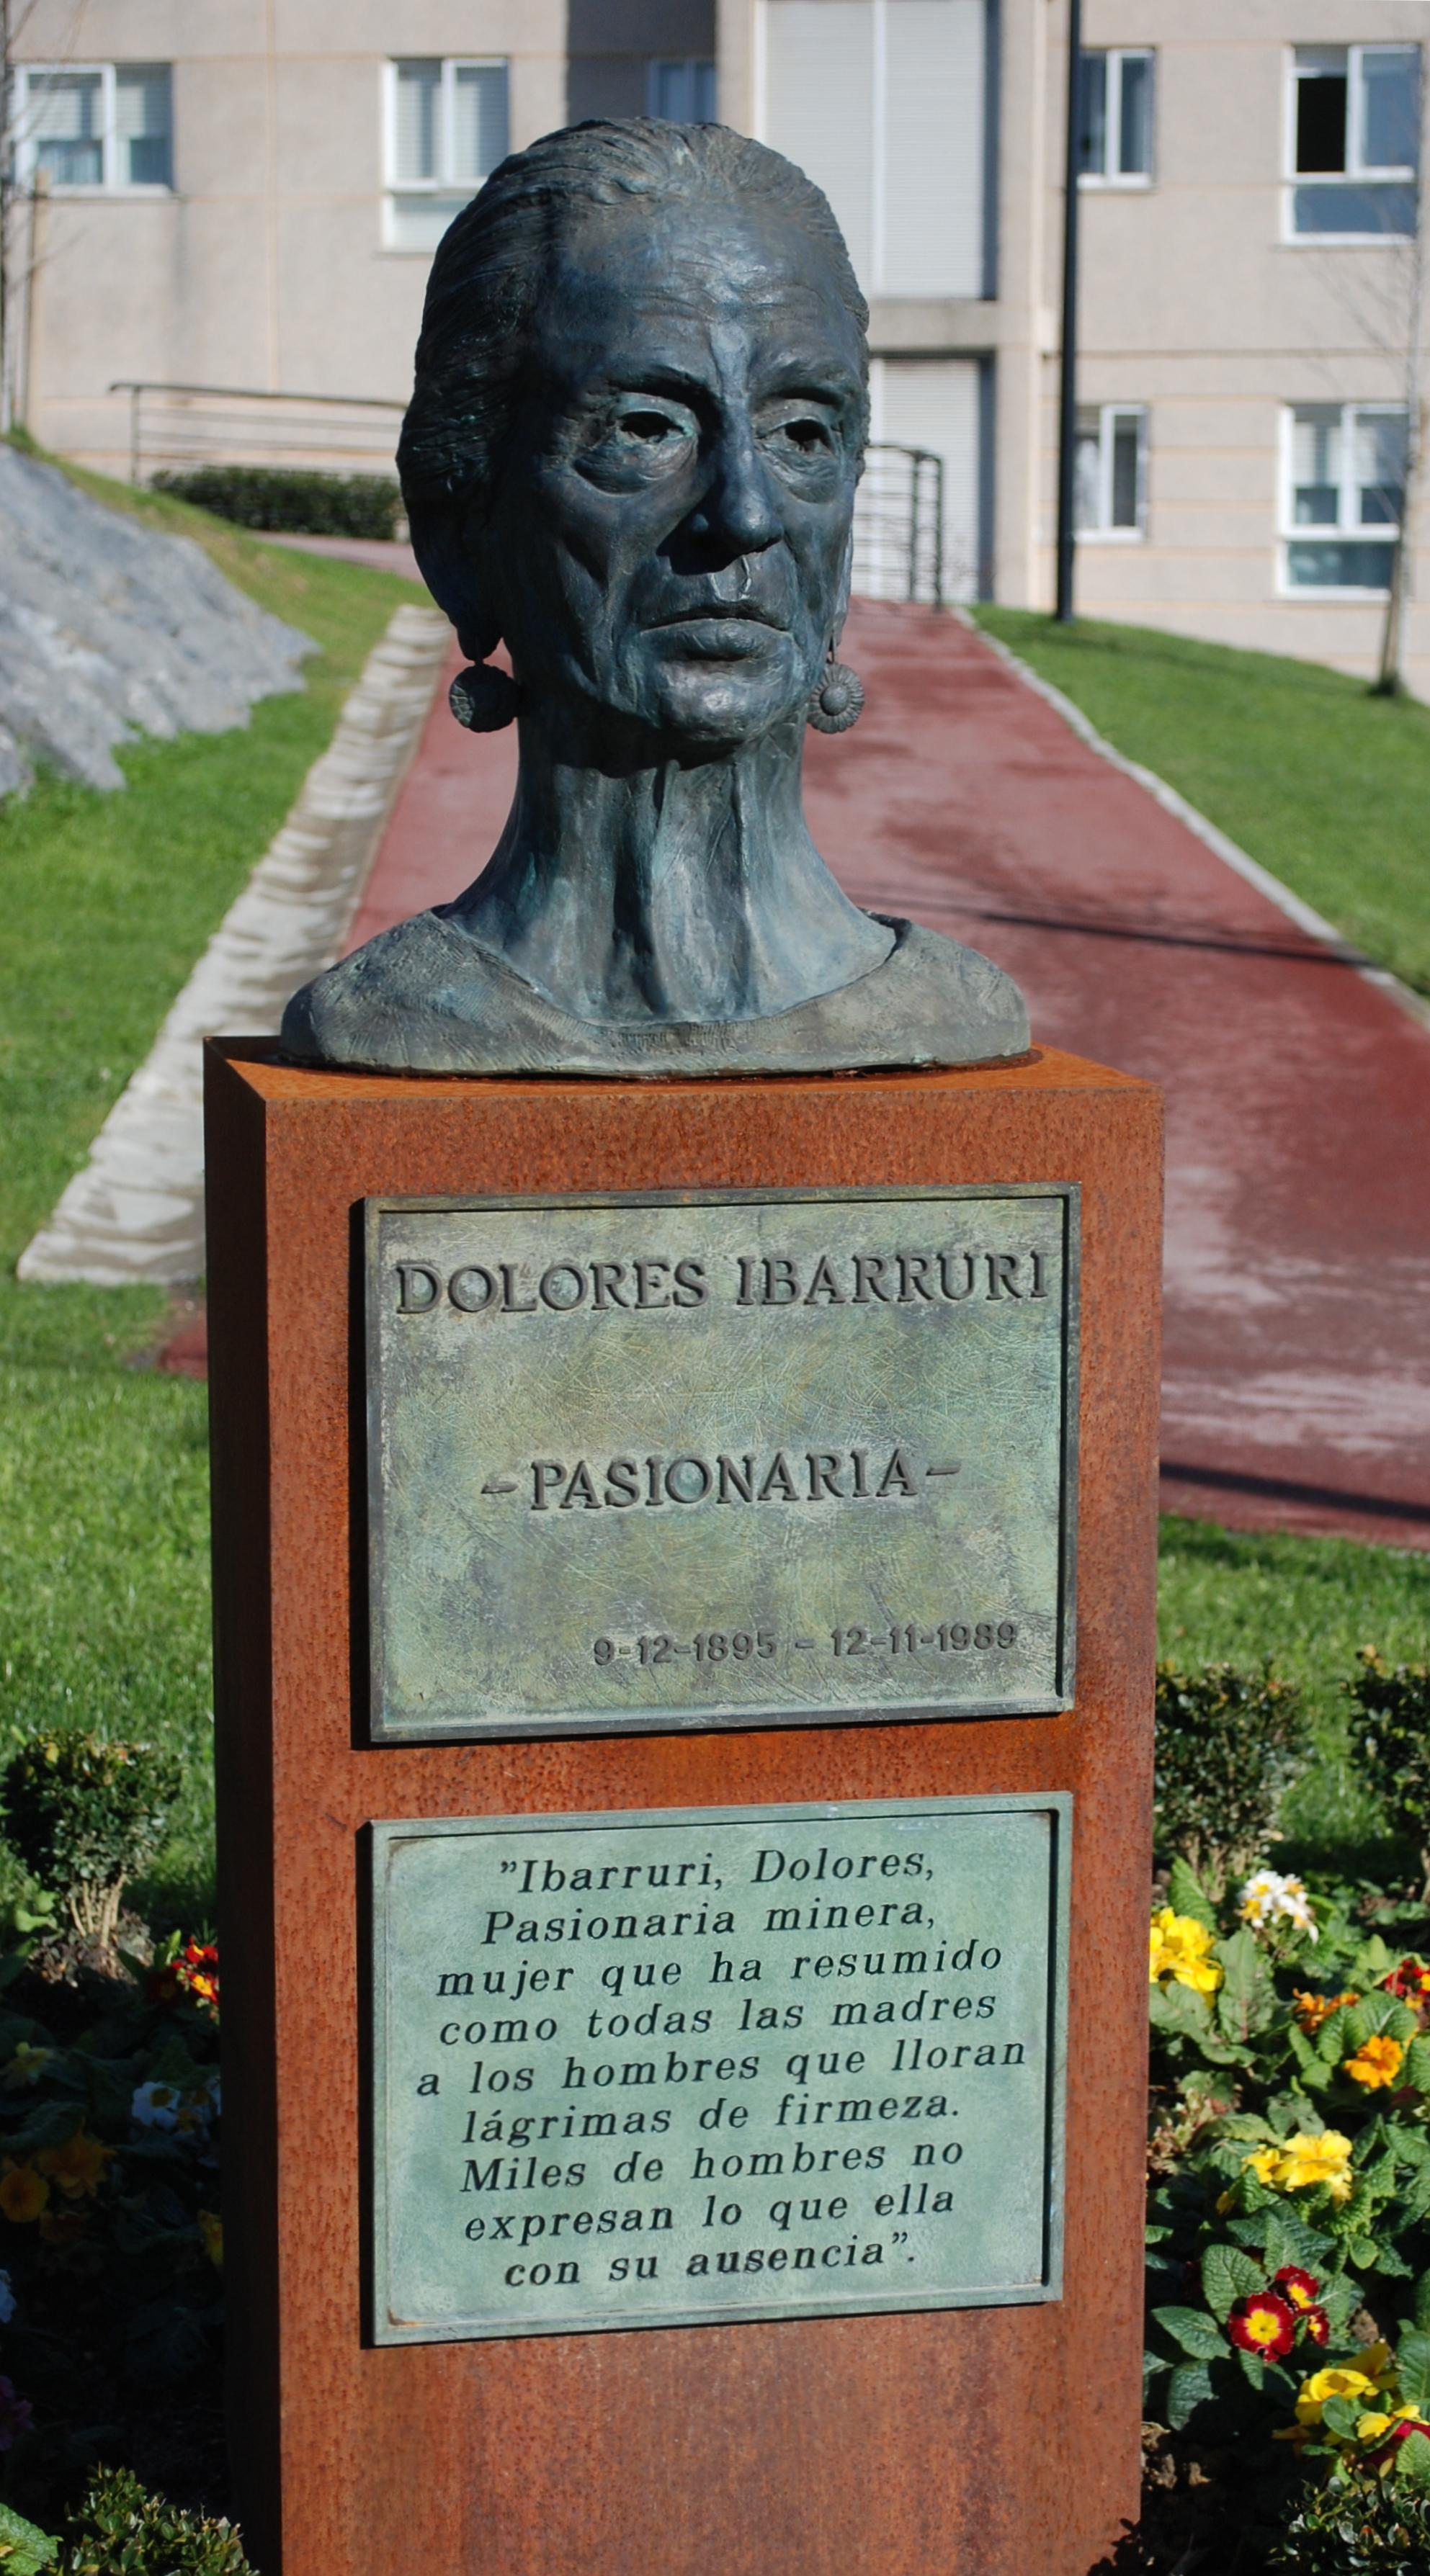 Busto de Dolores Ibarruri 6 recortado